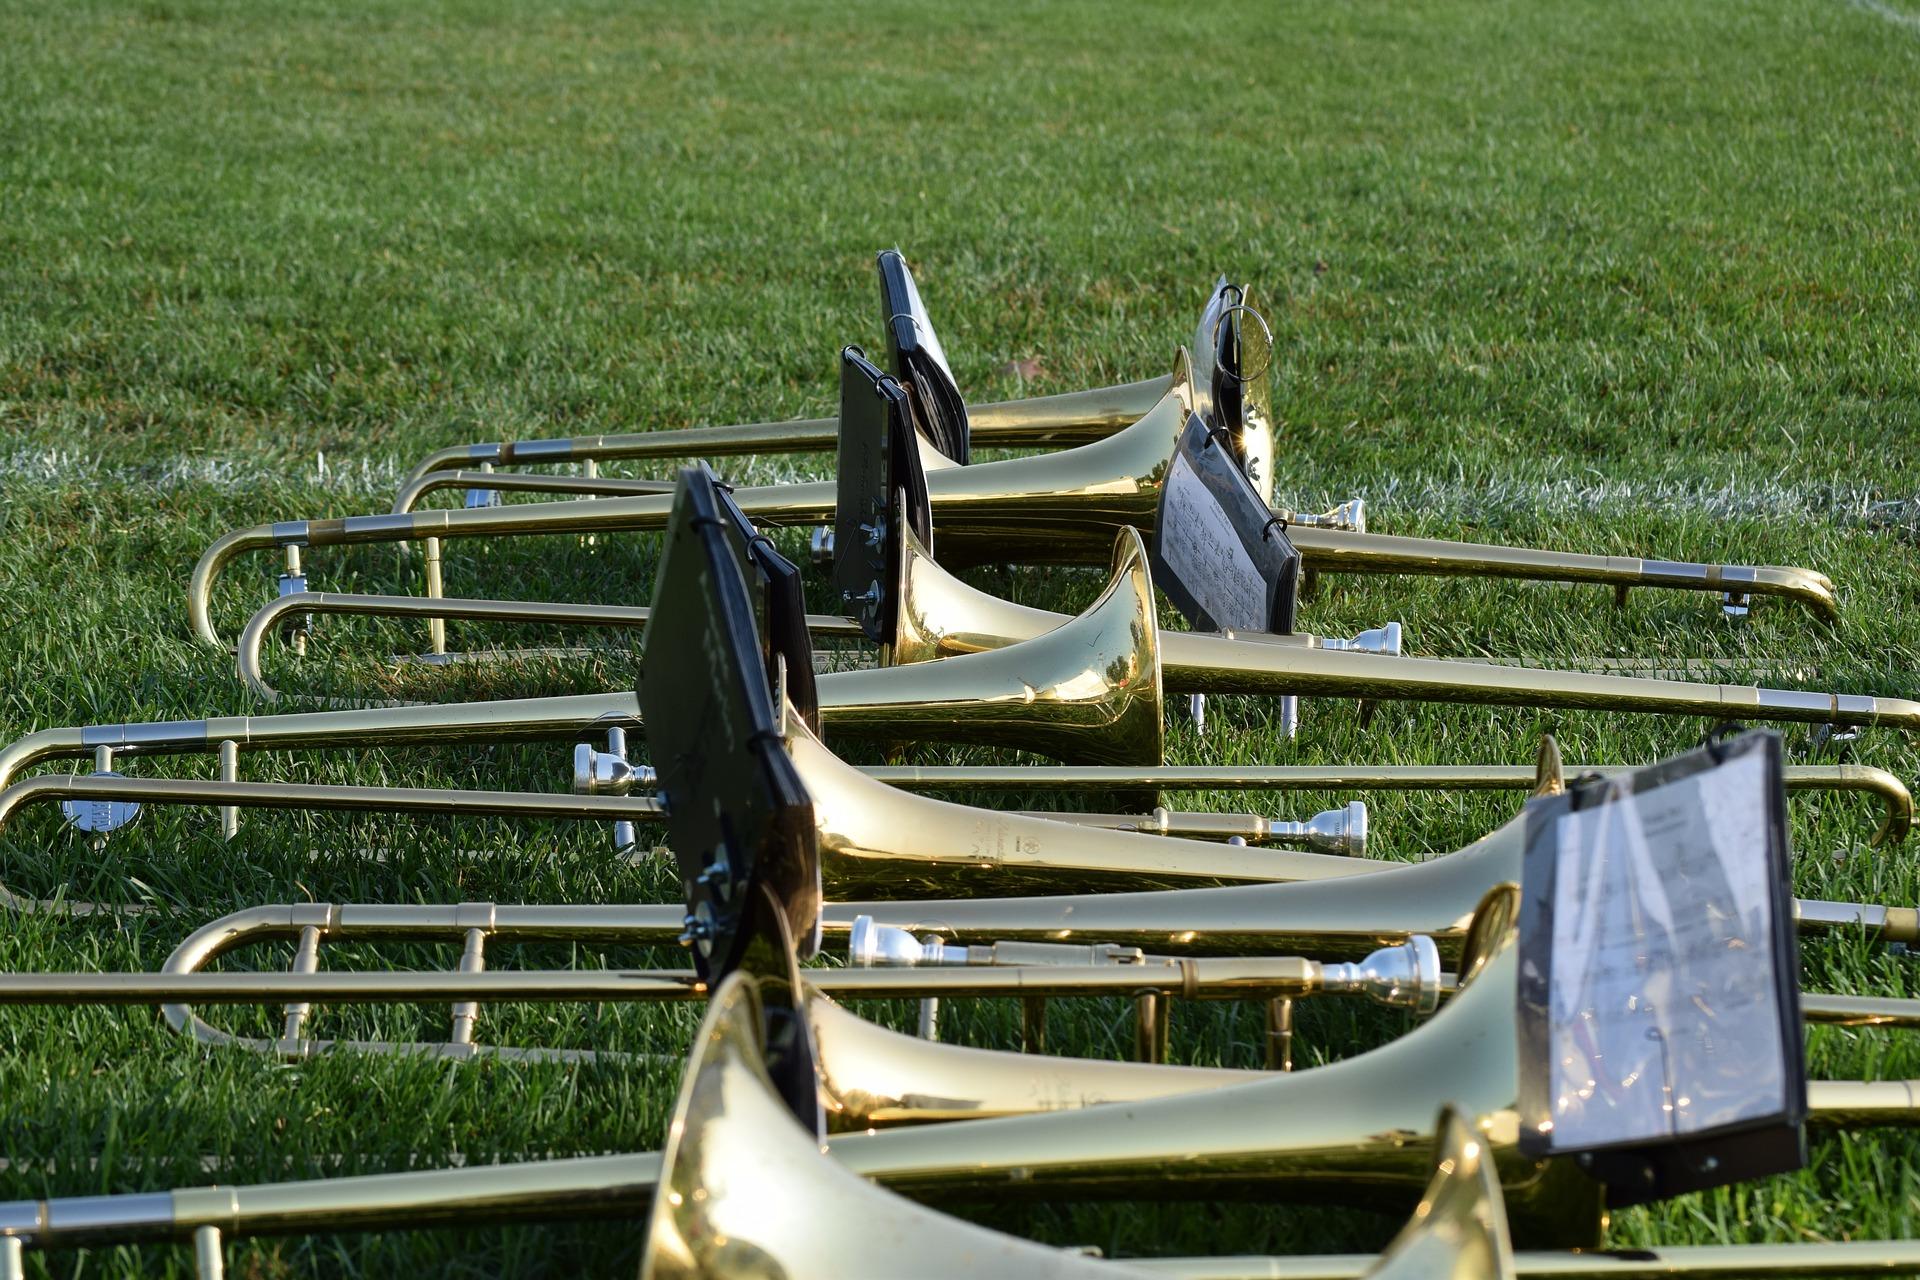 trombone-411035_1920